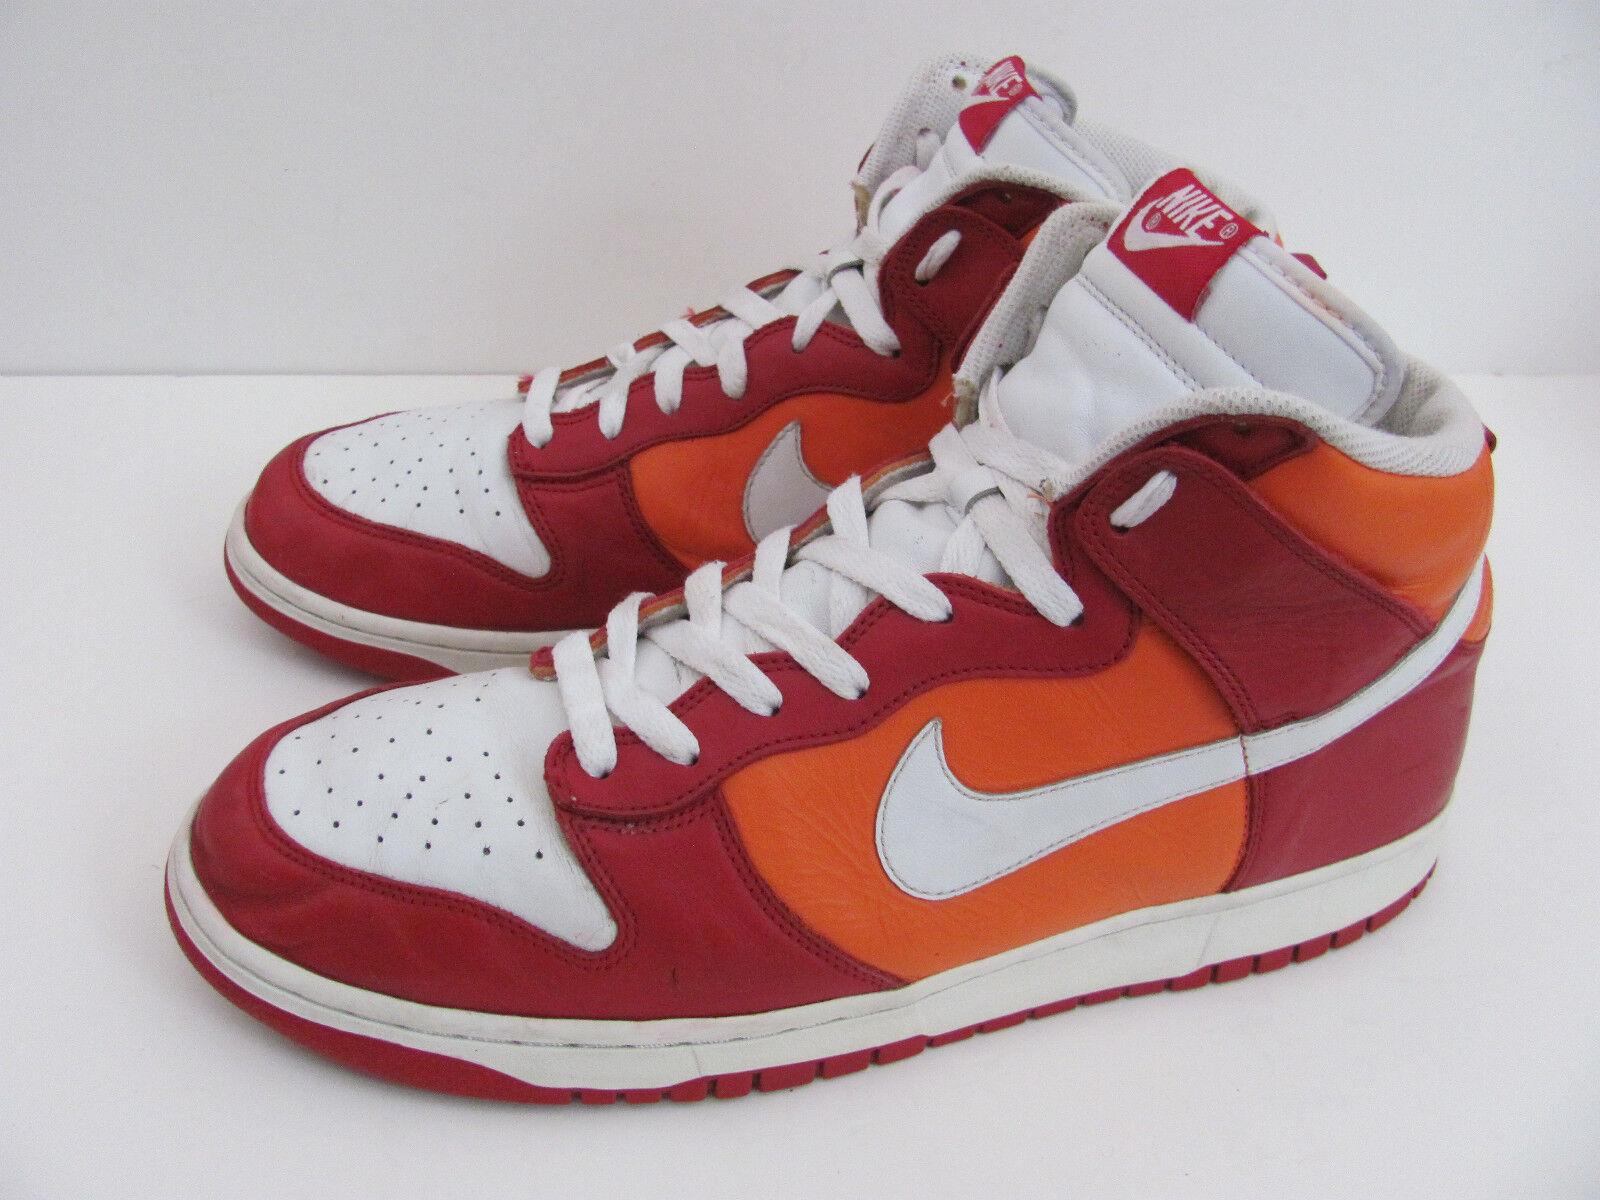 Nikedunk rojo naranja cómodos alta zapatos de baloncesto, cómodos naranja zapatos nuevos para hombres y mujeres, el limitado tiempo de descuento b013a0